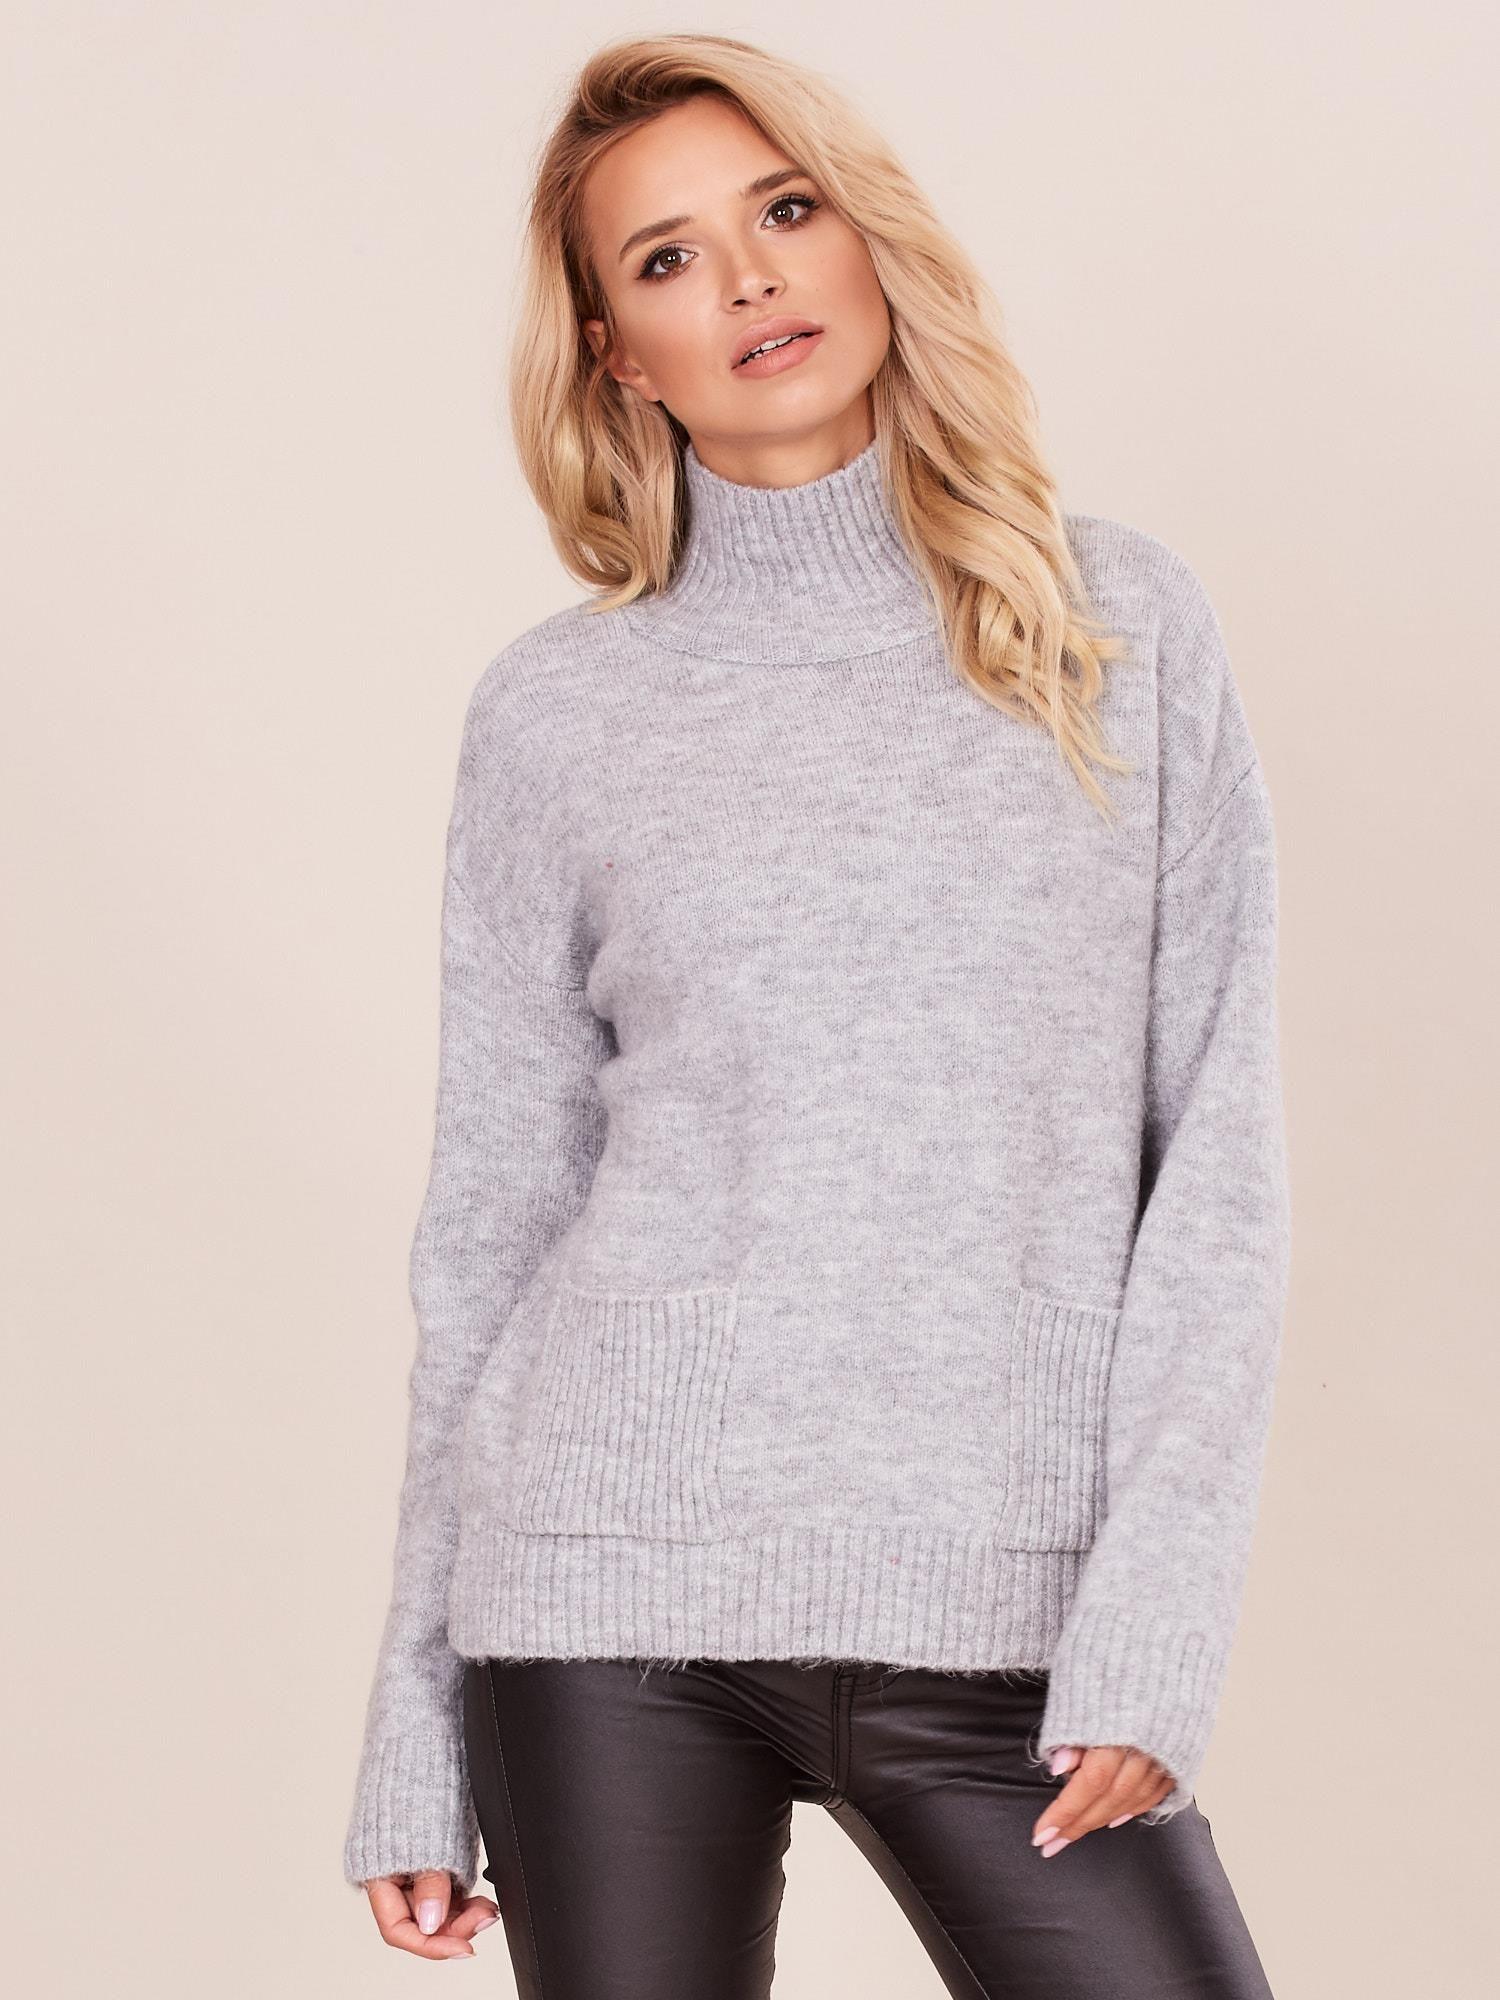 Sweter z Szerokim Dekoltem Szary AW227 | Fashion, Clothes